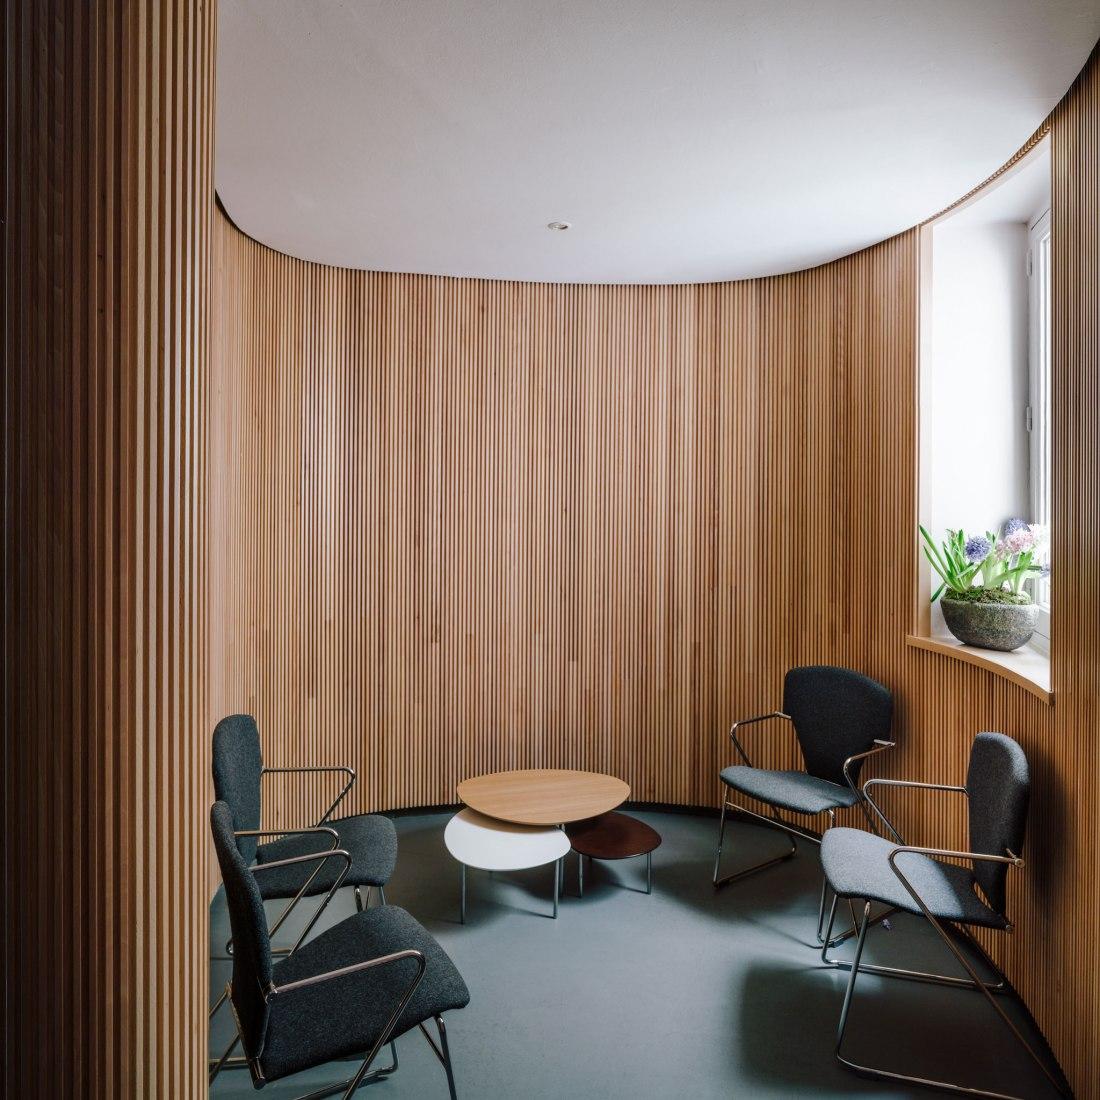 Psych office por Blanca Lleó. Fotografía por Imagen Subliminal.